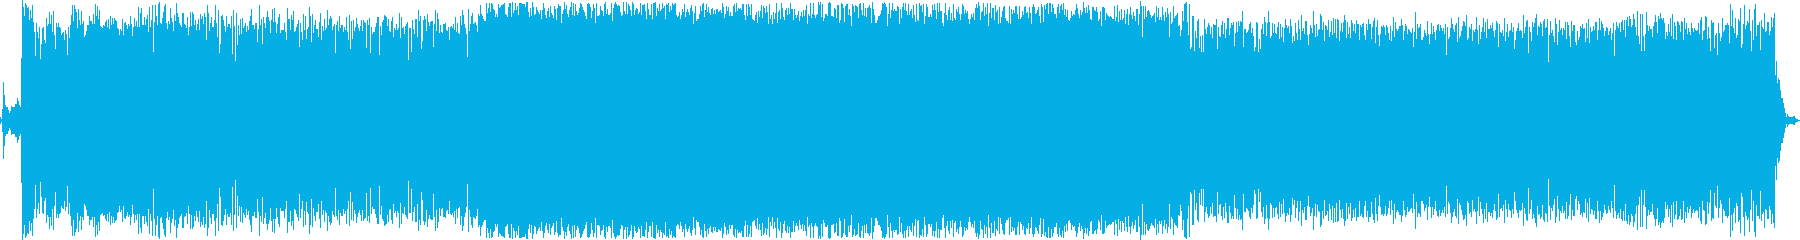 ボートモーターアイドルの再生済みの波形